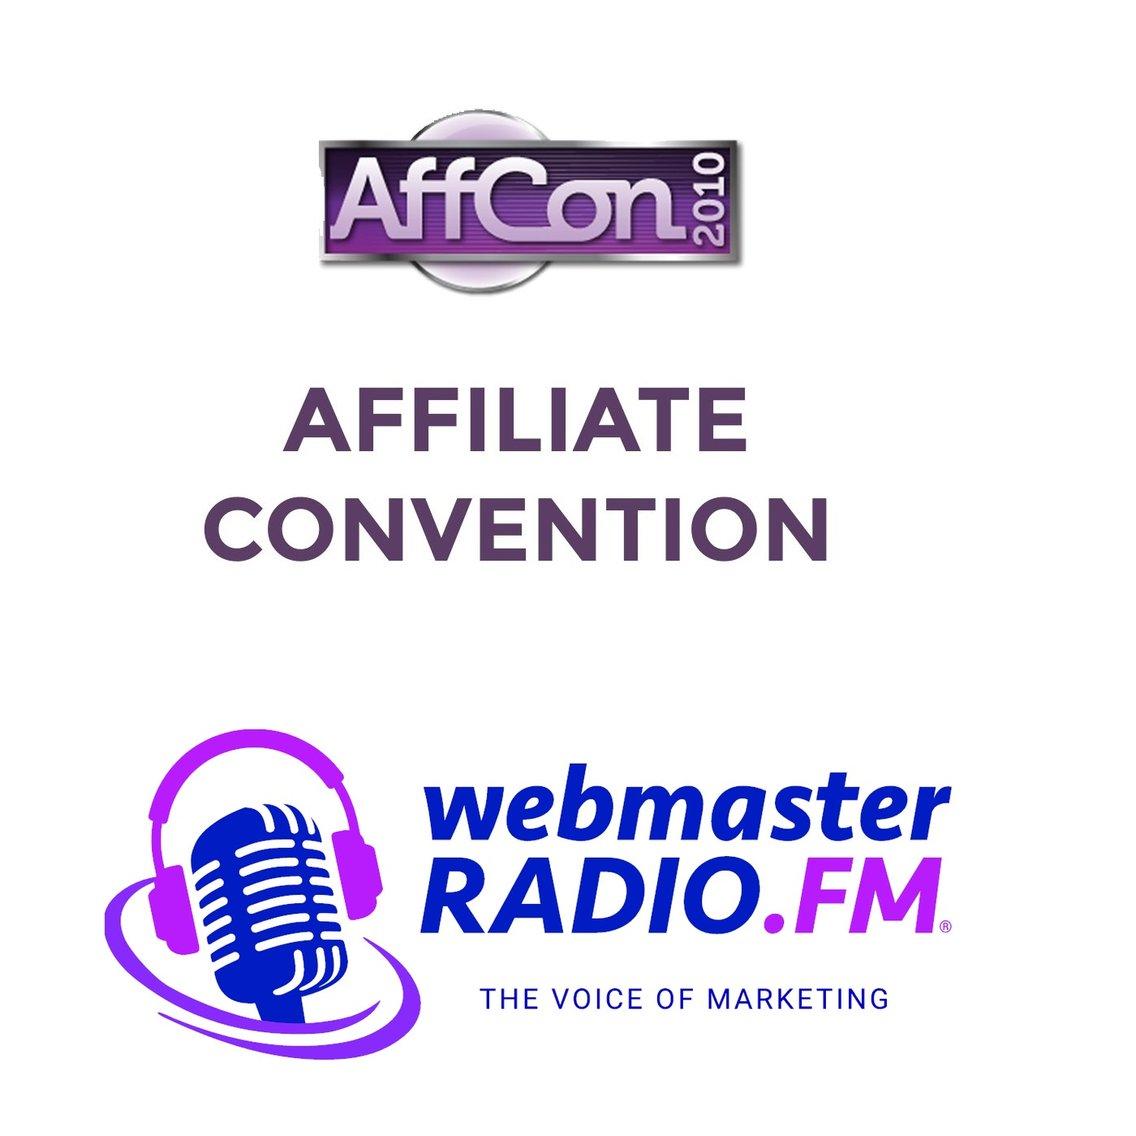 Affiliate Convention (AffCon 2010) - imagen de portada